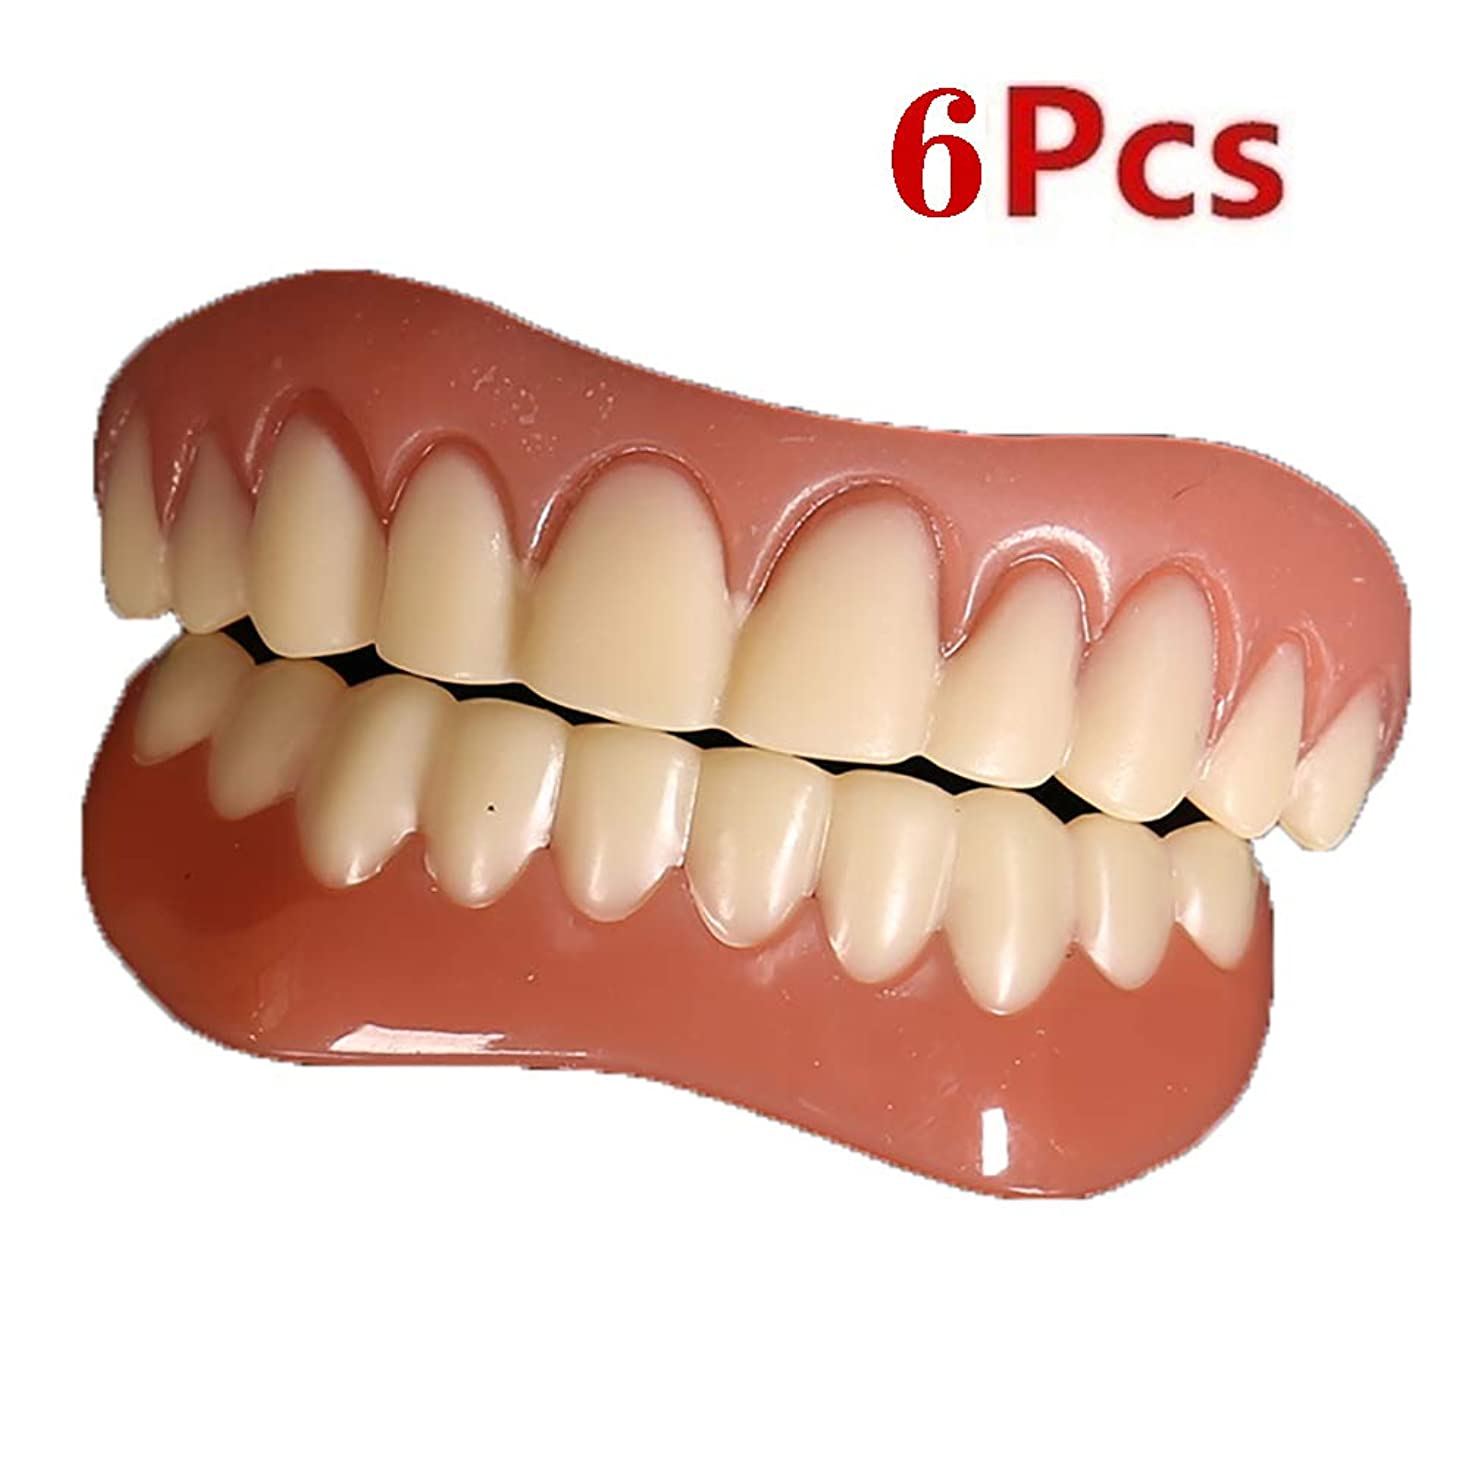 トピック幾分ベンチャー即時の微笑の歯の上部のより低いベニヤの慰めの適合の歯のベニヤ、歯科ベニヤの慰めの適合の歯の上の化粧品のベニヤワンサイズはすべての義歯の接着剤の歯に入れます